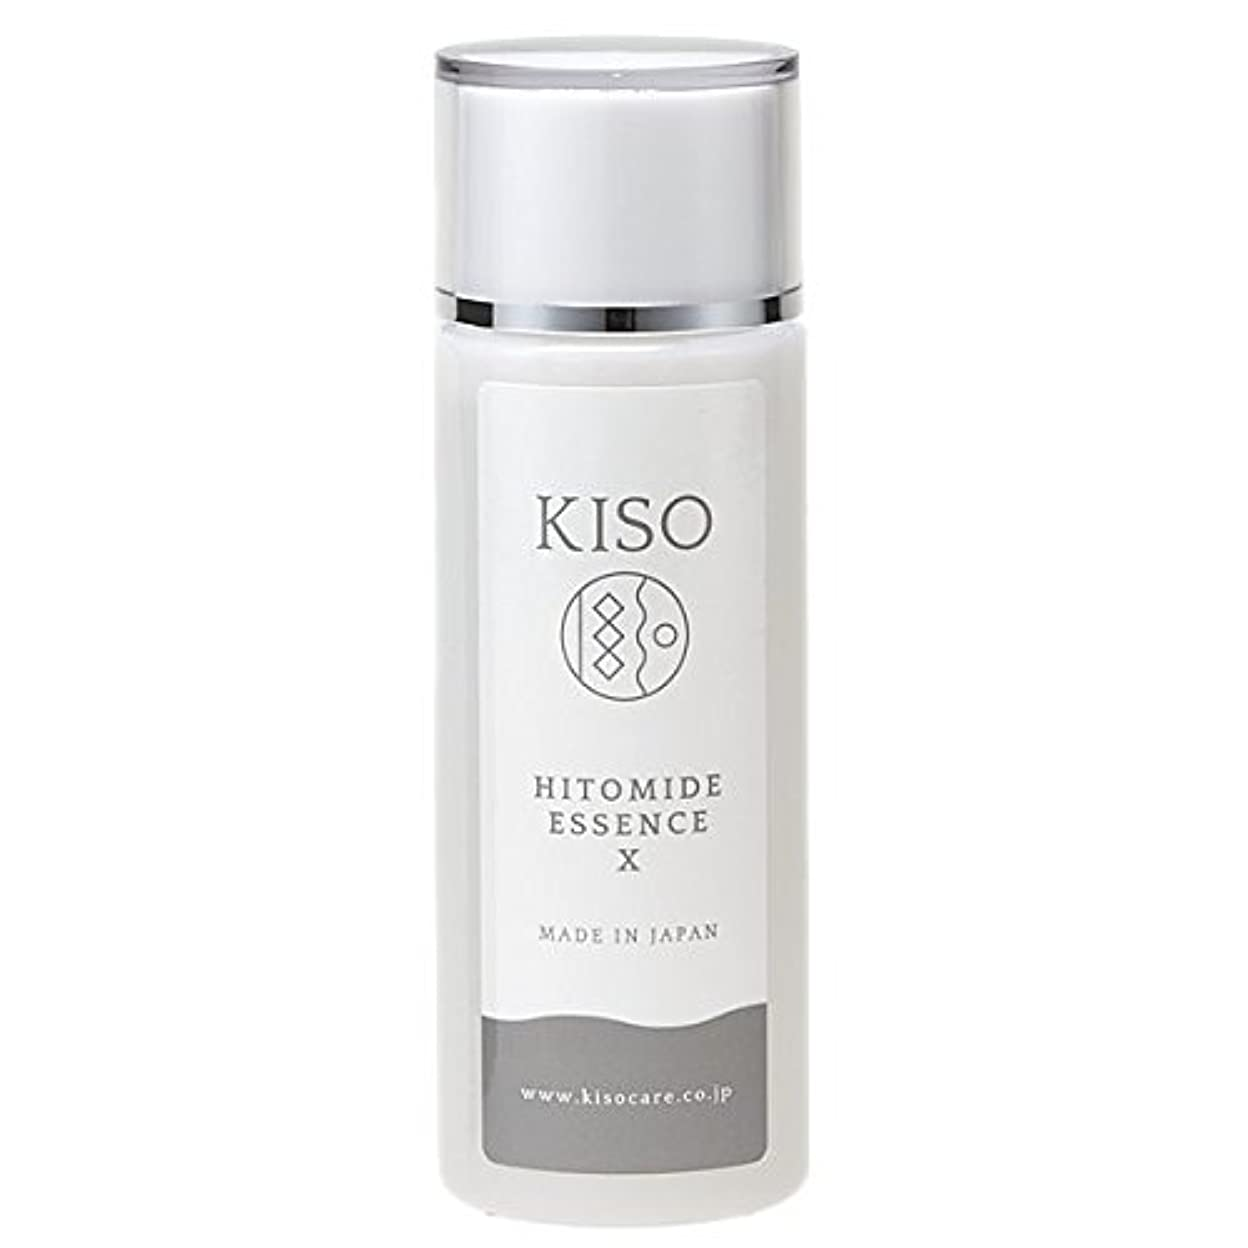 満足させるまばたき引き潮KISO ヒト型セラミド原液 10%配合 【ヒトミドエッセンスX 120ml】 保湿力アップ 肌荒れを防ぎキメを整えたい時に